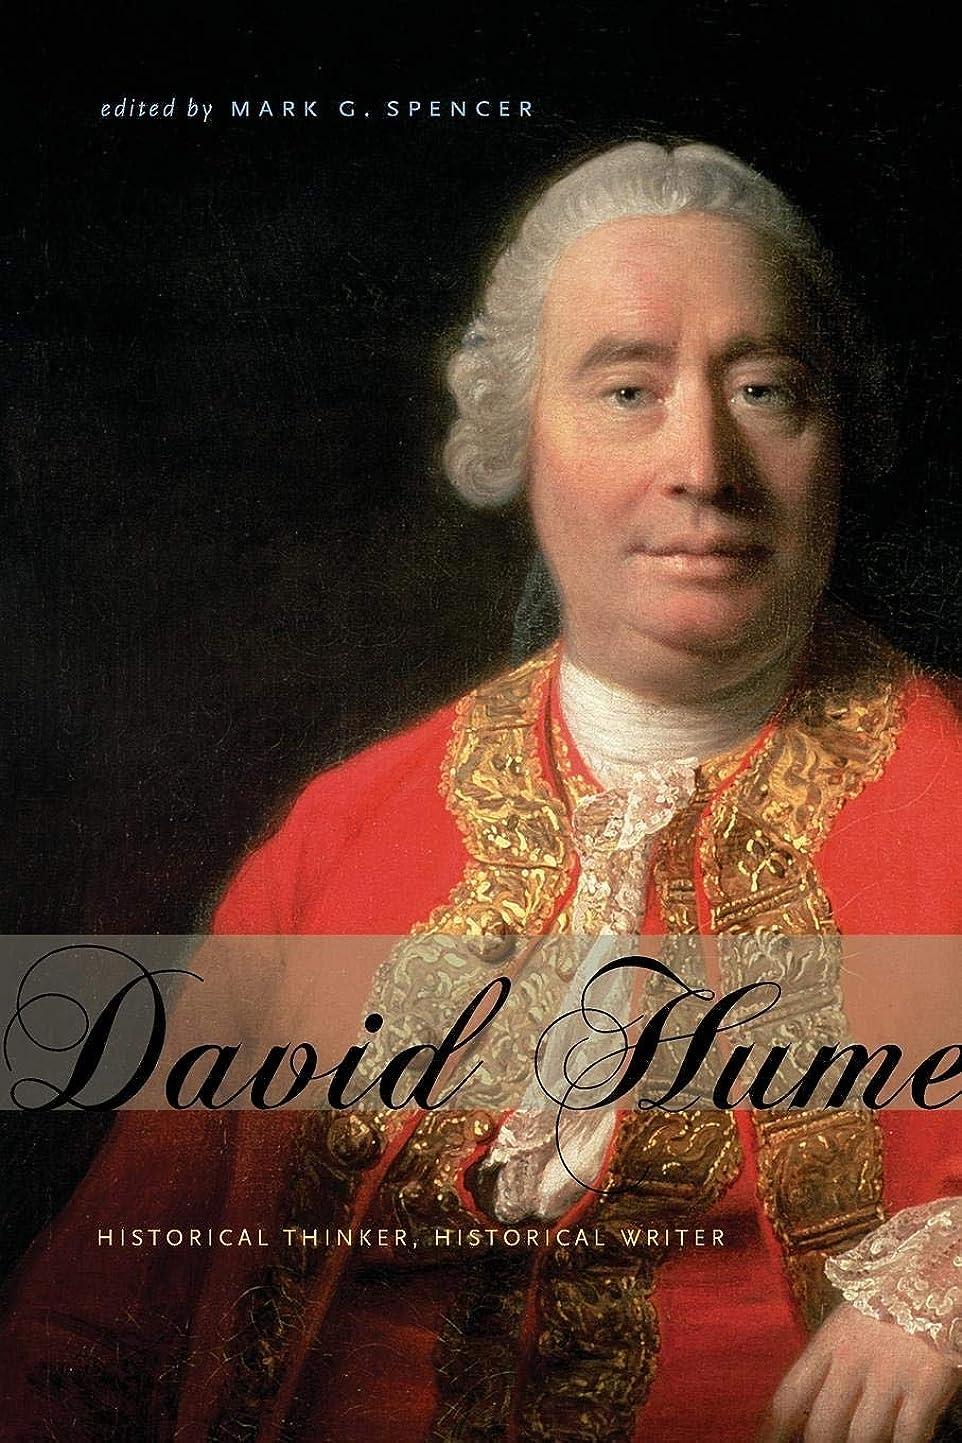 追う変装頼るDavid Hume: Historical Thinker, Historical Writer